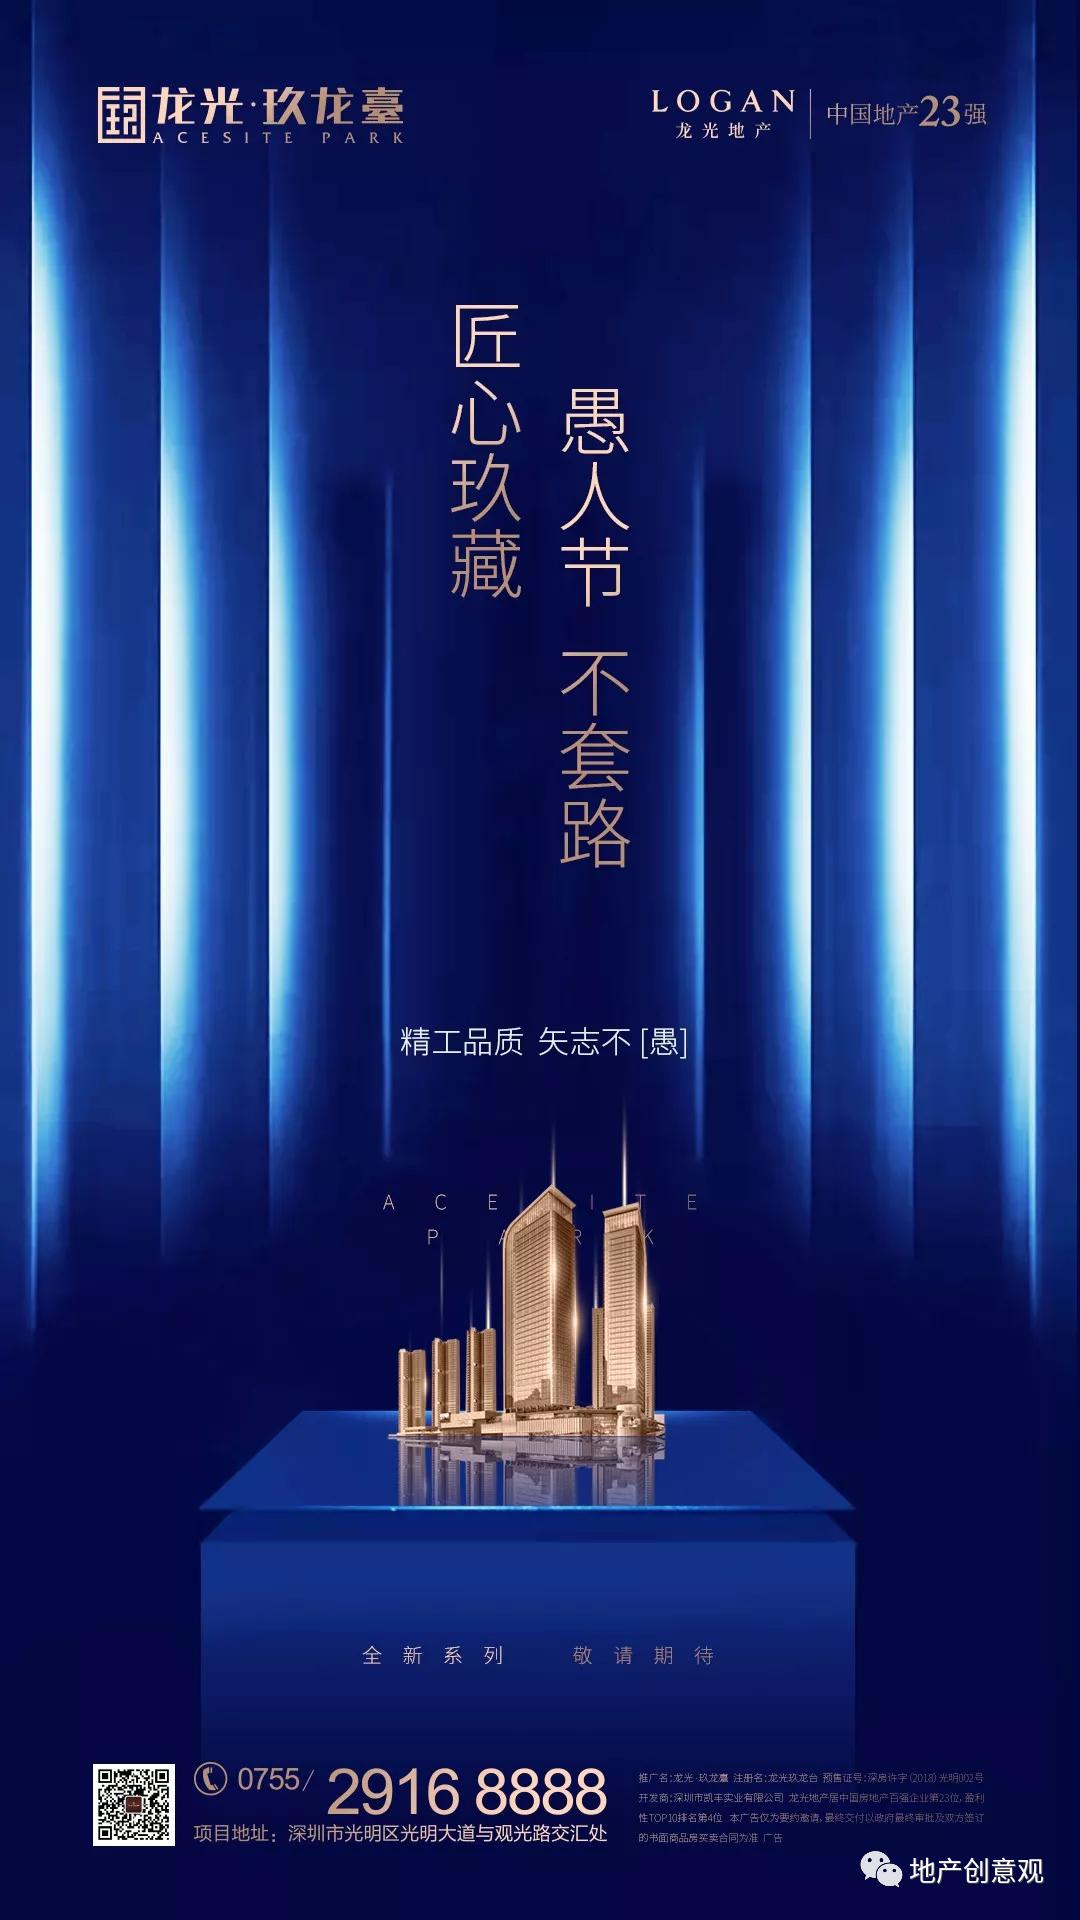 地产广告丨2021愚人节借势海报文案欣赏~插图17